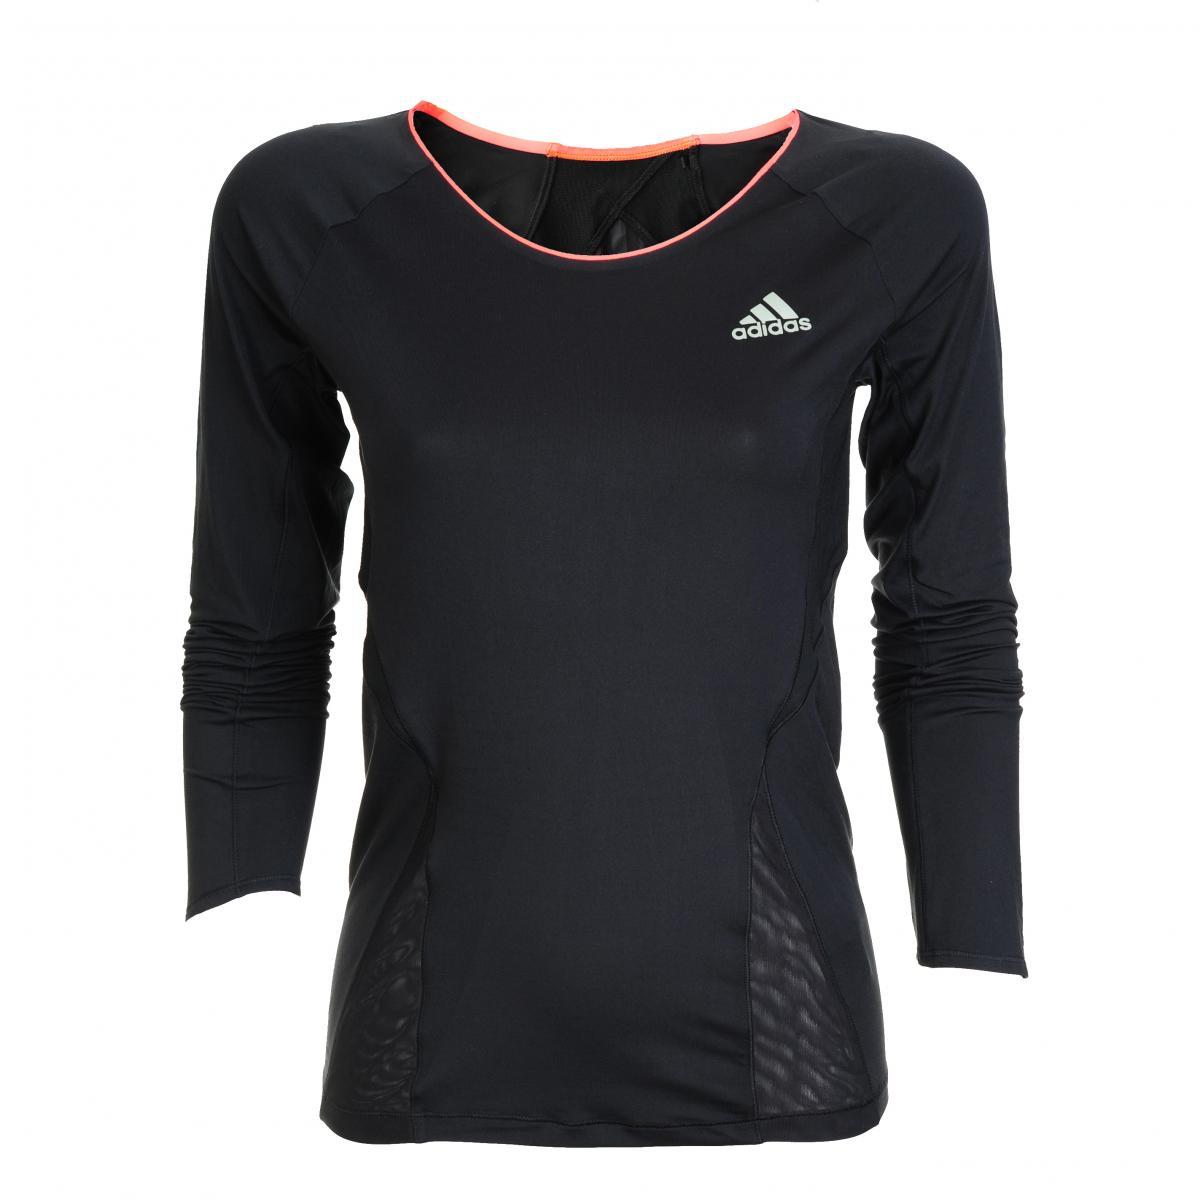 Wygodna koszulka Adidas w kolorze czarnym - moda 2012/13